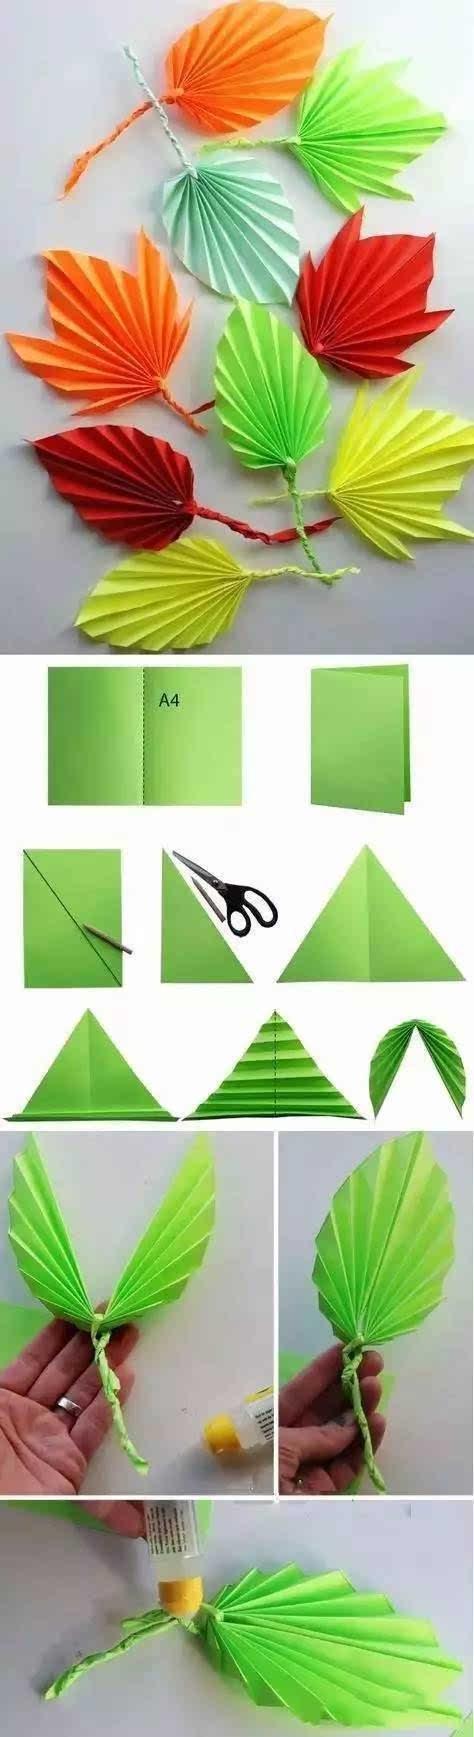 【巧妈手工】4款又有创意又好玩的折纸教程